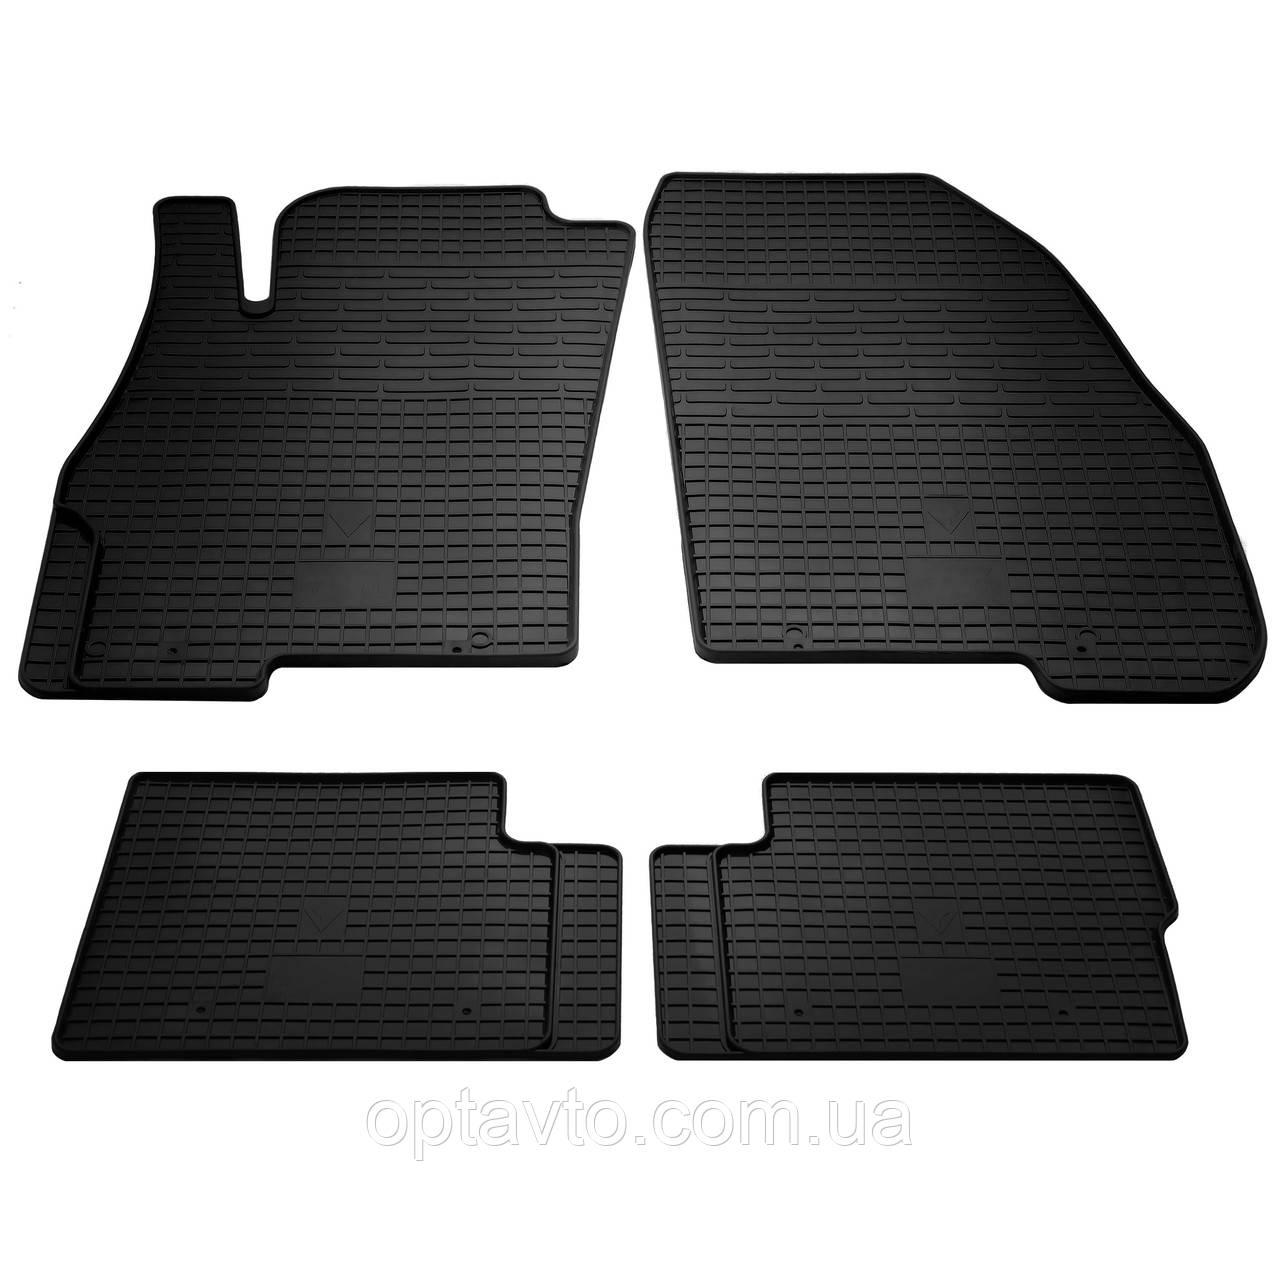 FIAT Punto  - комплект качественных резиновых ковриков. Комплект 4 шт.  (2005-2018)